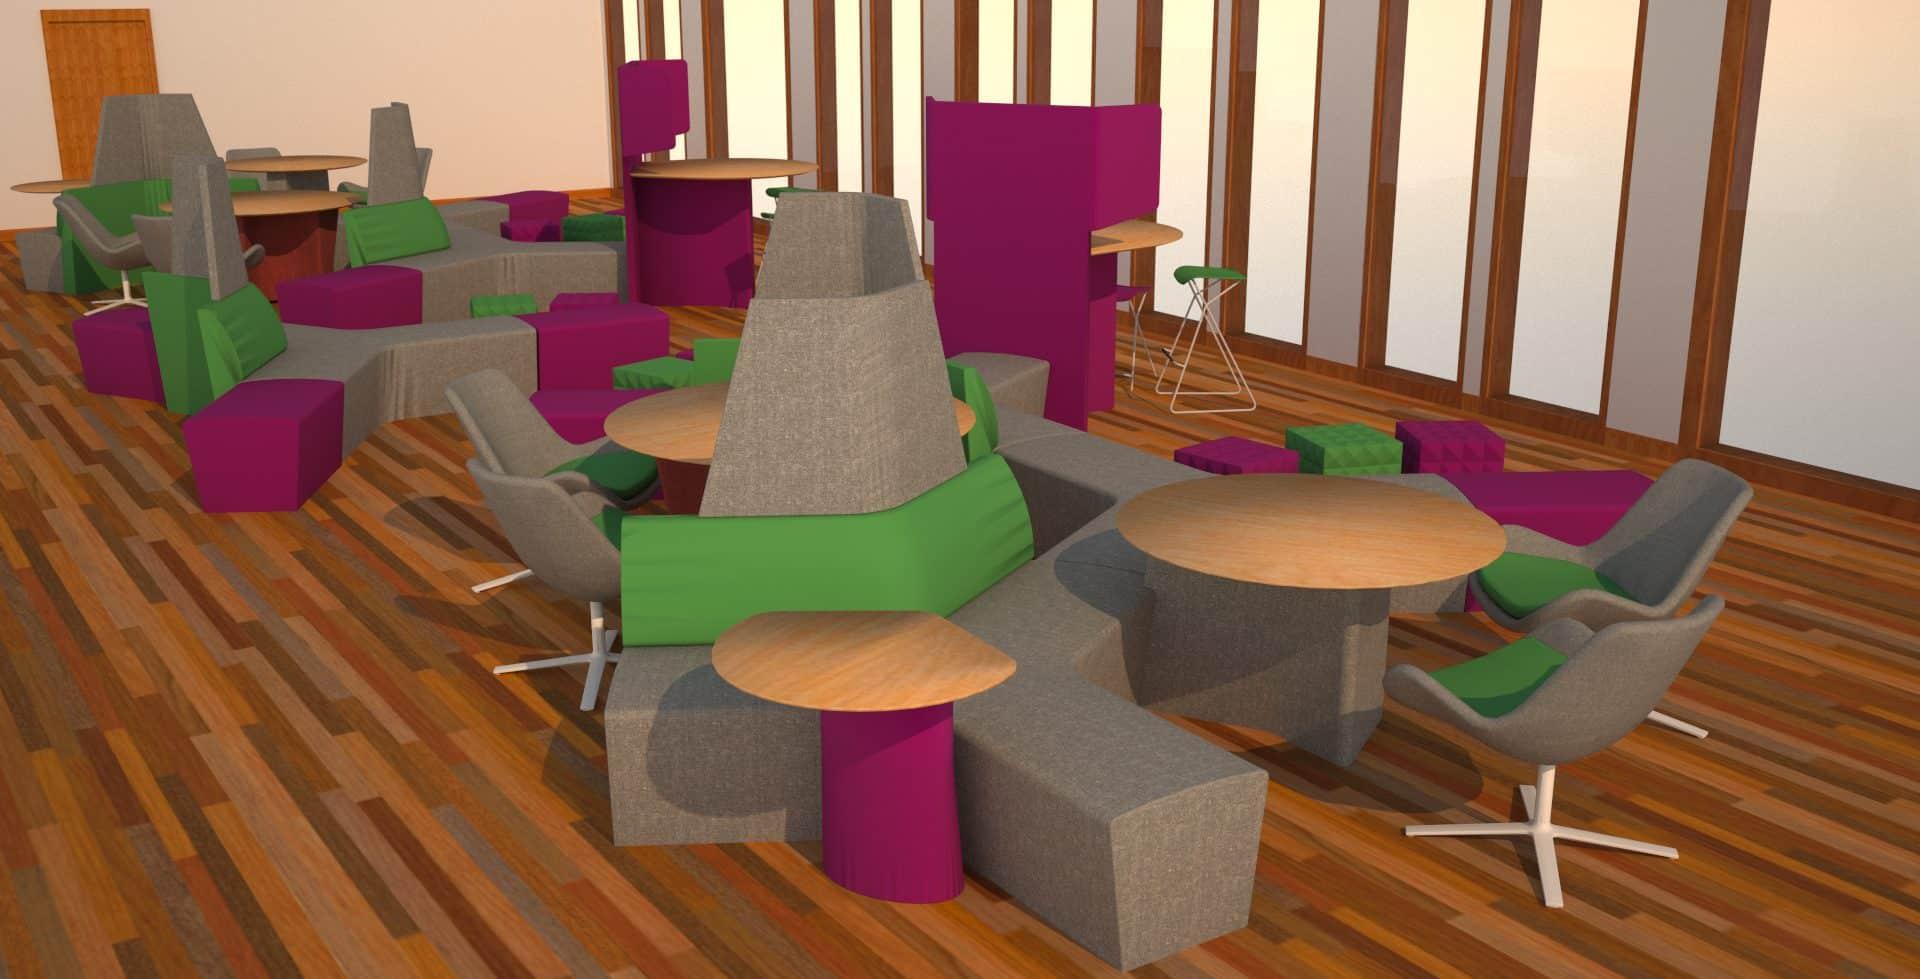 cnm bristol interior design 3d visualisations